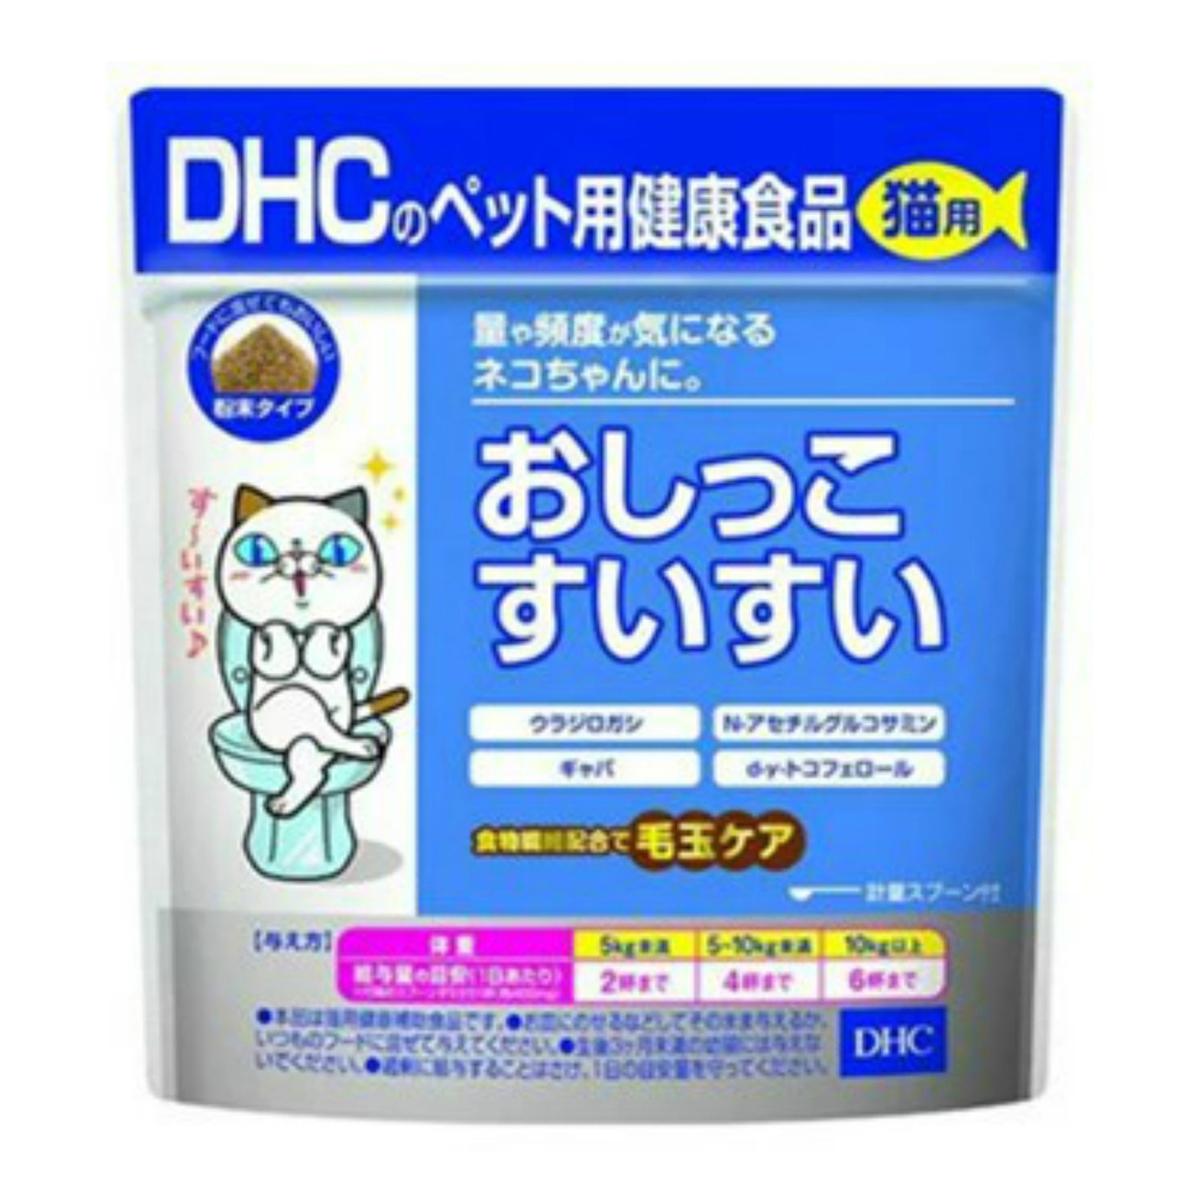 猫用サプリメント 4511413629147 送料込 まとめ買い×3個セット 至高 DHC おしっこすいすい 猫用 在庫一掃売り切りセール 50g 粉末タイプ ペット用健康食品